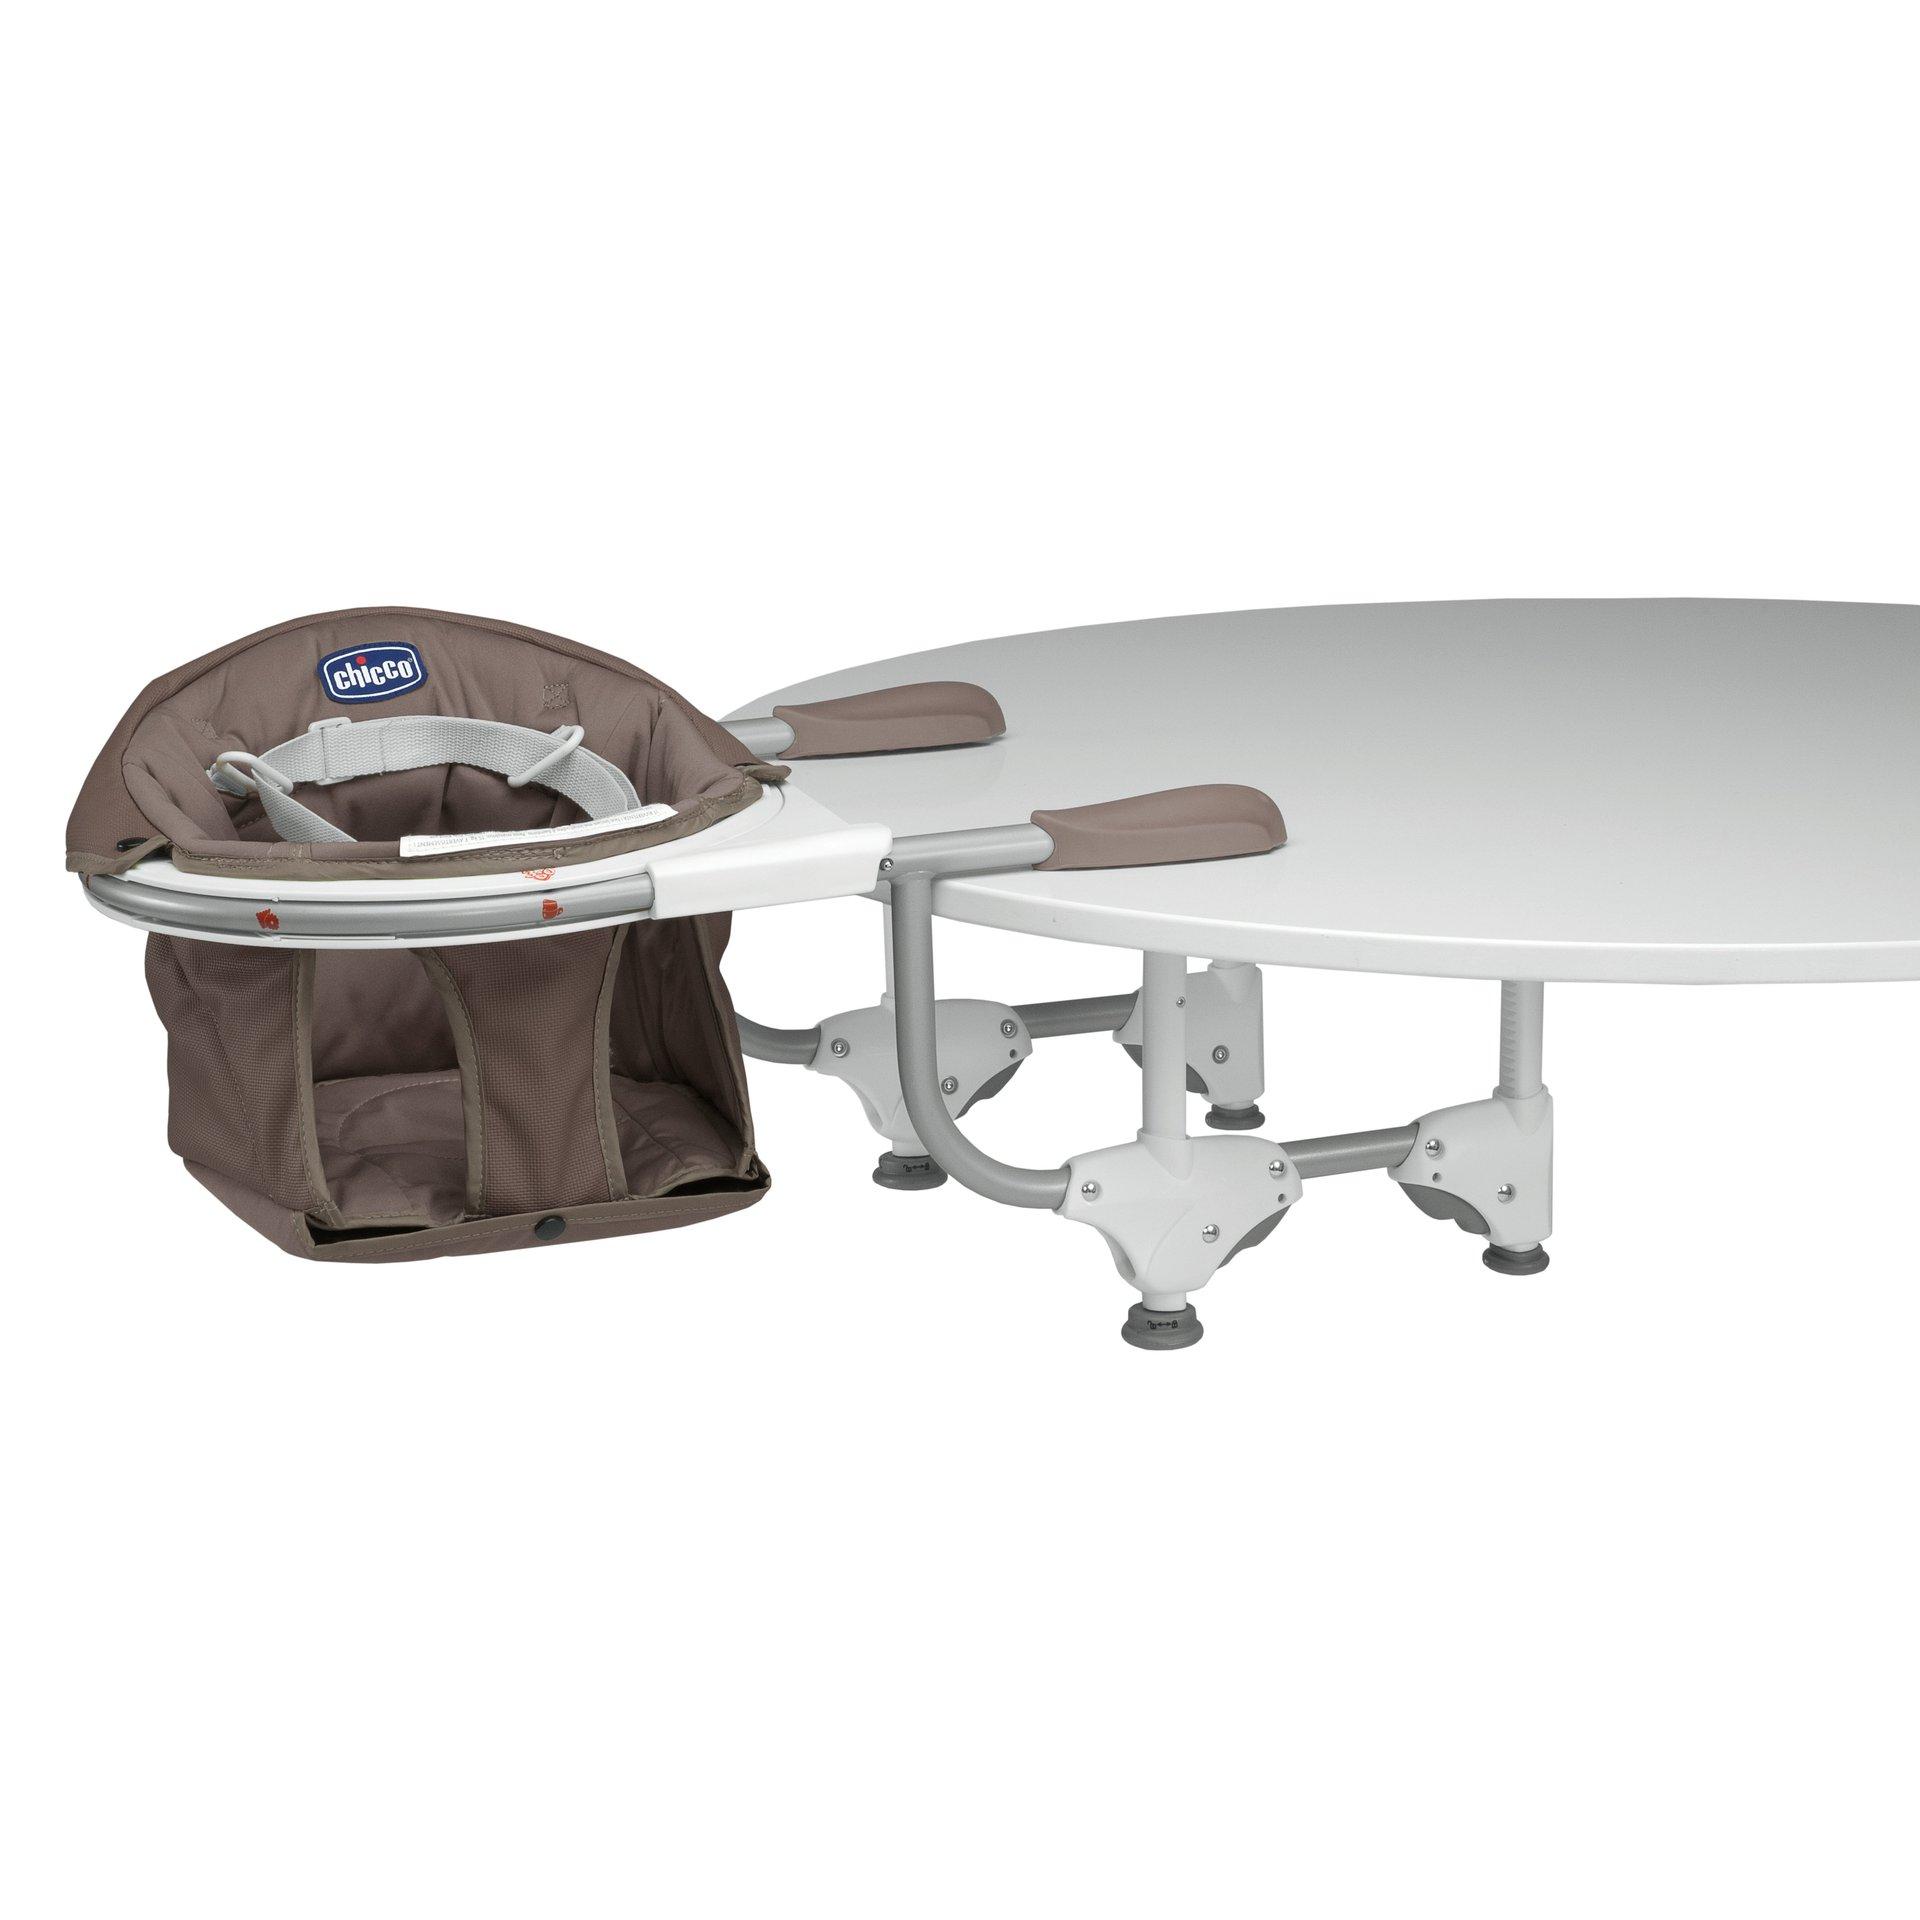 Chicco seggiolino da tavolo 360 cocoa i monelli for Chicco seggiolino tavolo